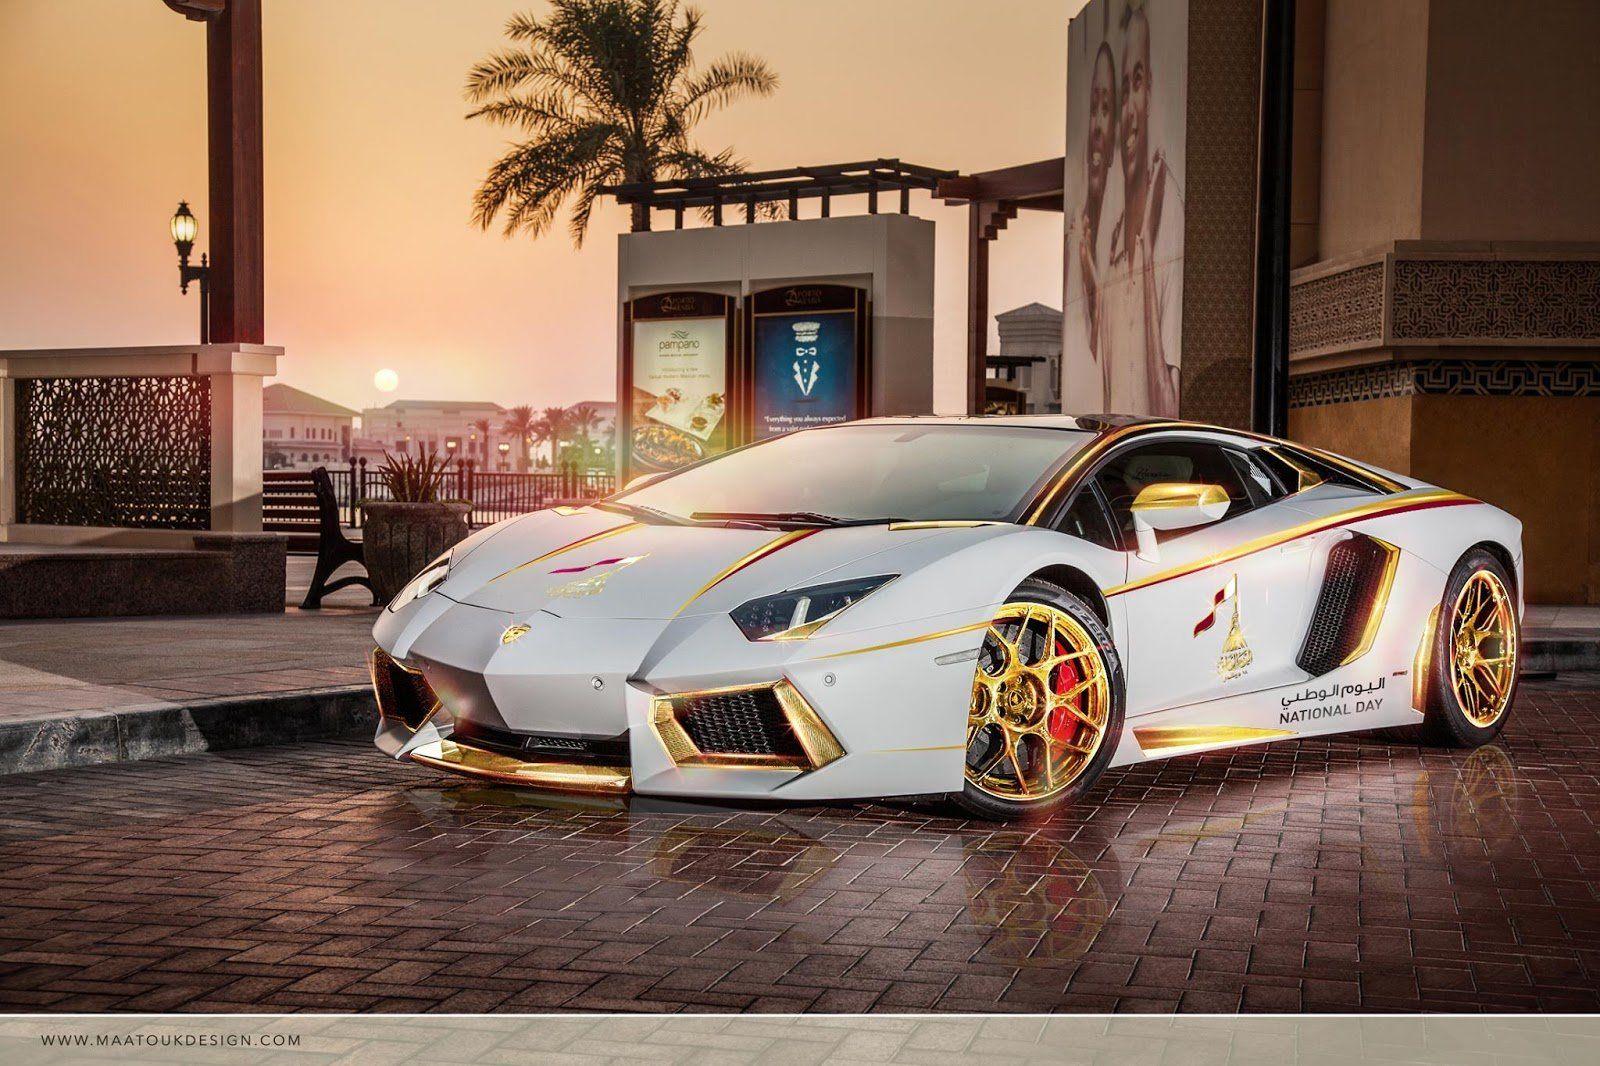 Gold Lamborghini Wallpaper Hd Pics Widescreen Photo Black And Gold Supercar 423265 Hd Wallpaper Backgrounds Download